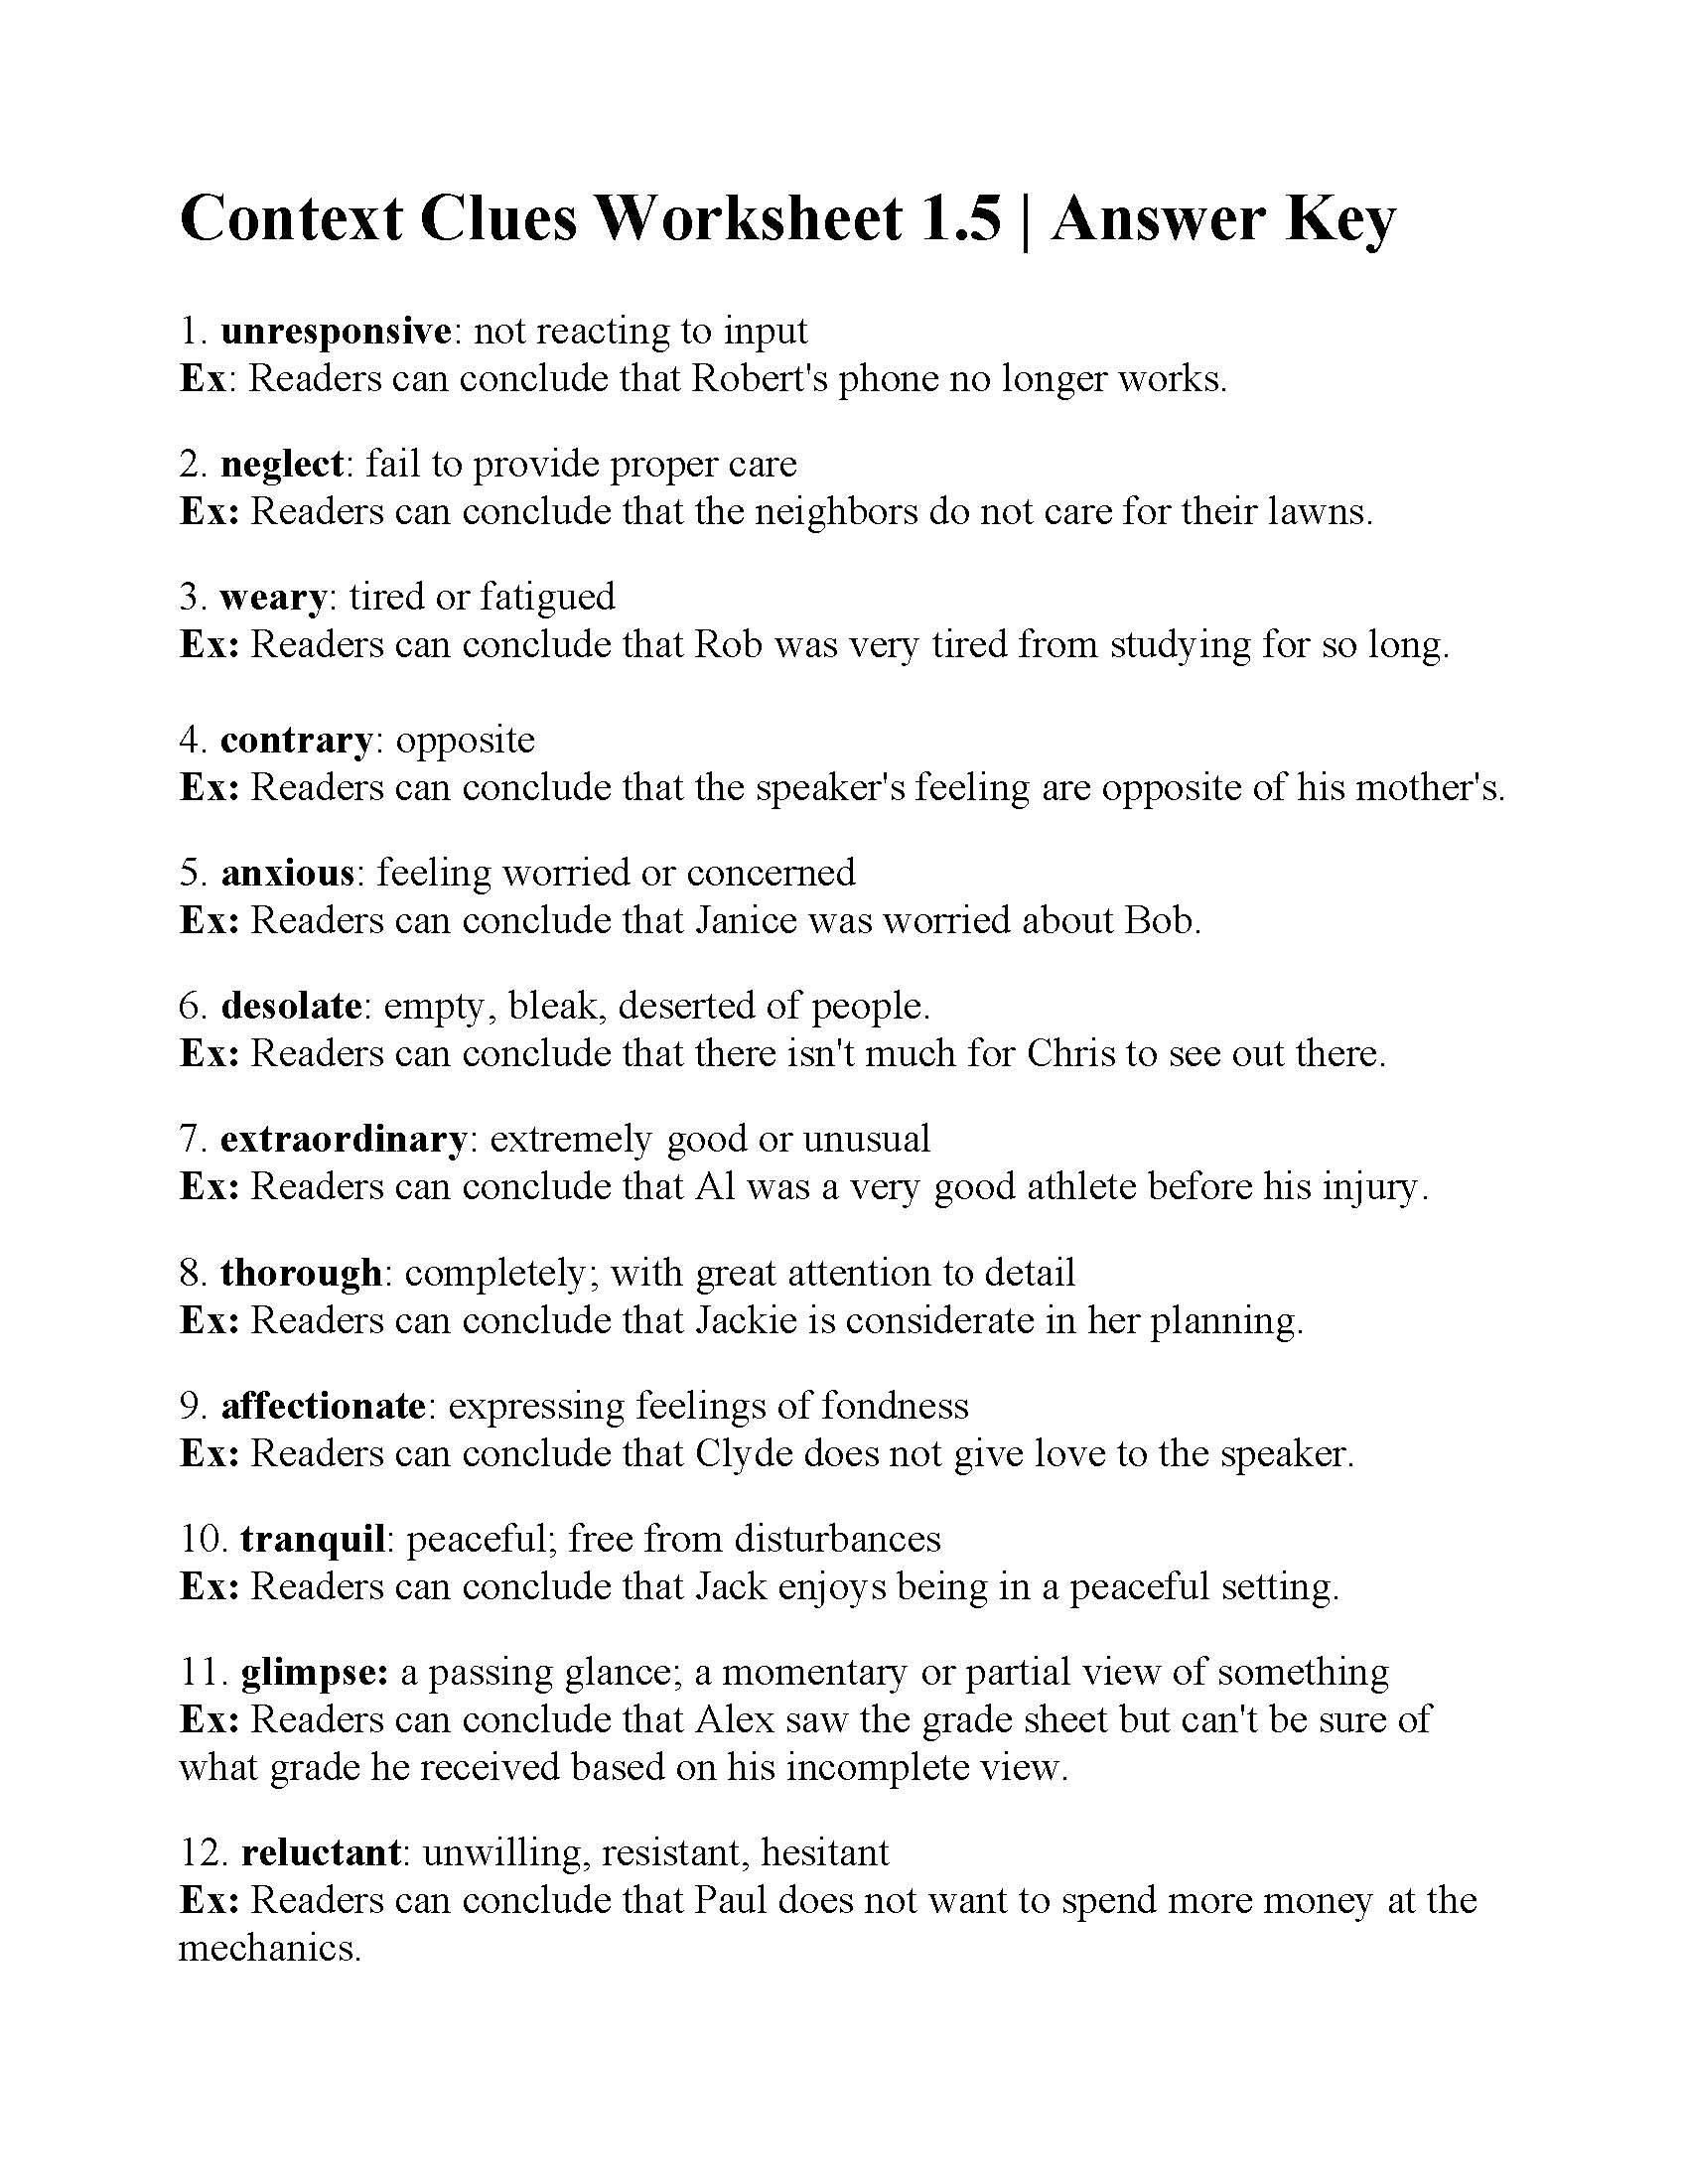 5th Grade Context Clues Worksheets Context Clues Worksheet 1 5